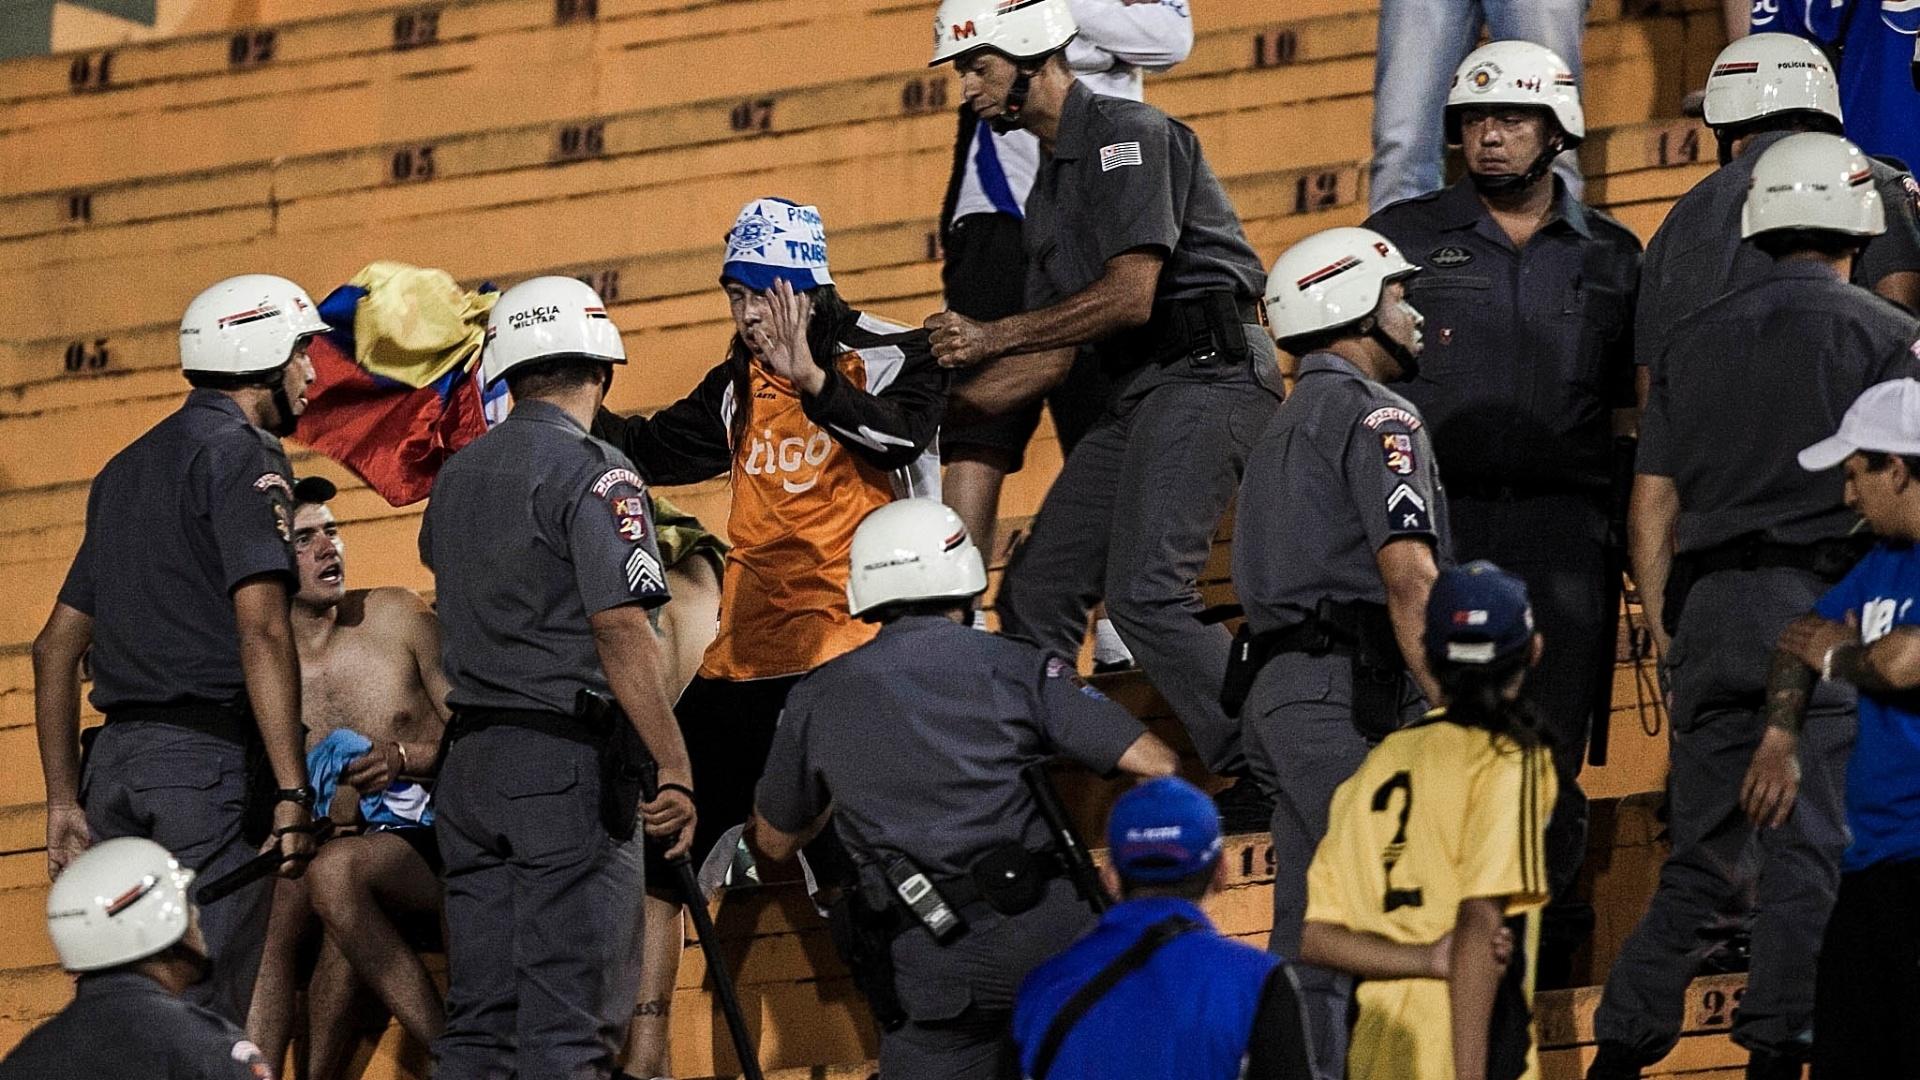 Torcedores do Millonarios se envolvem em confusão com policiais no Pacaembu